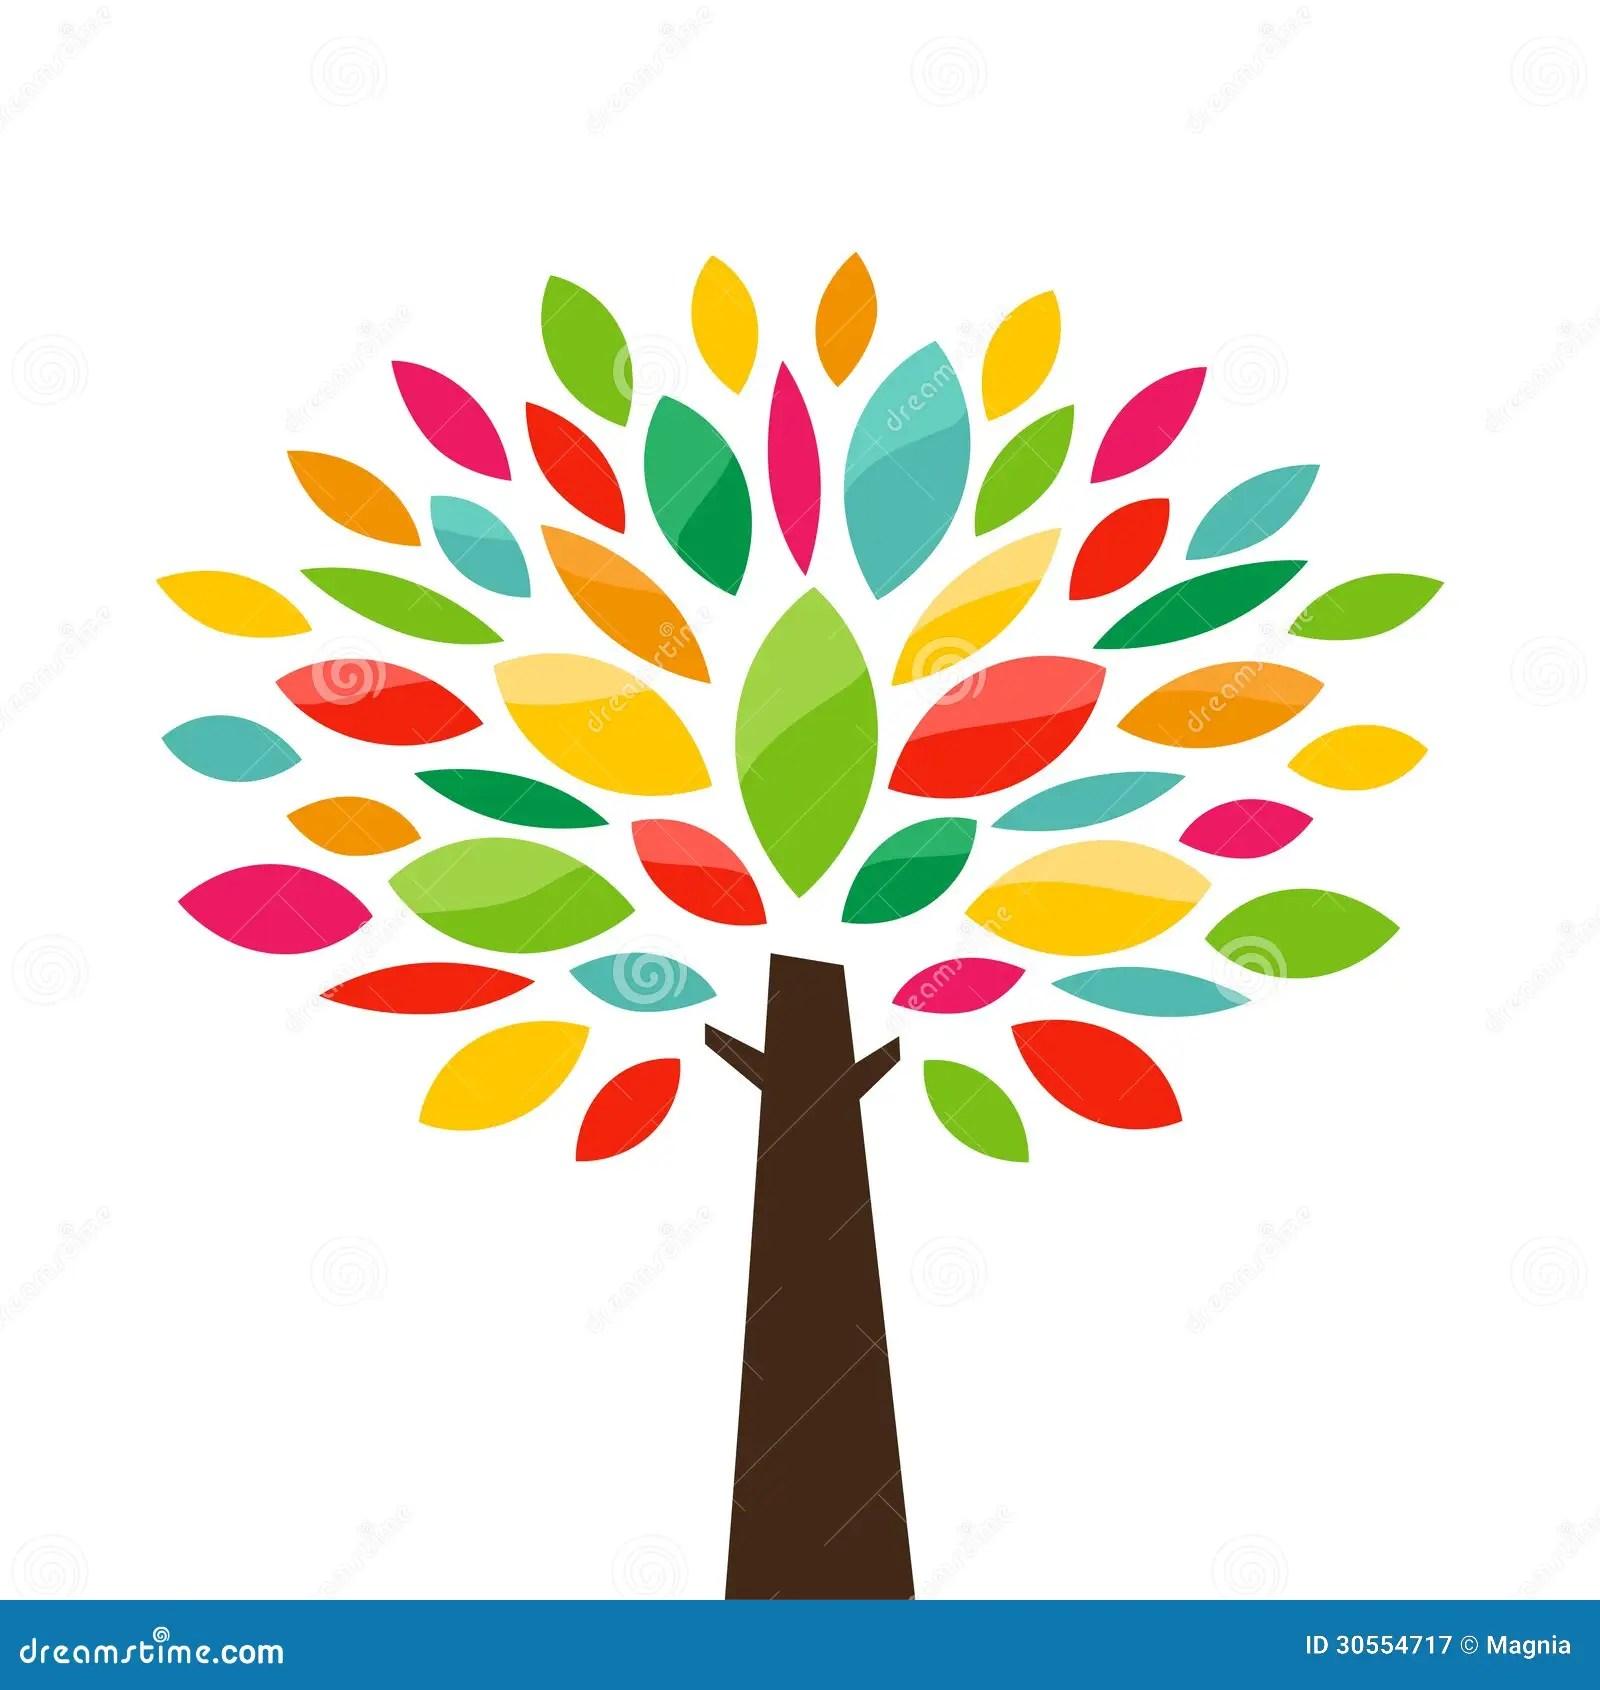 stylized tree royalty free stock photography image 30554717